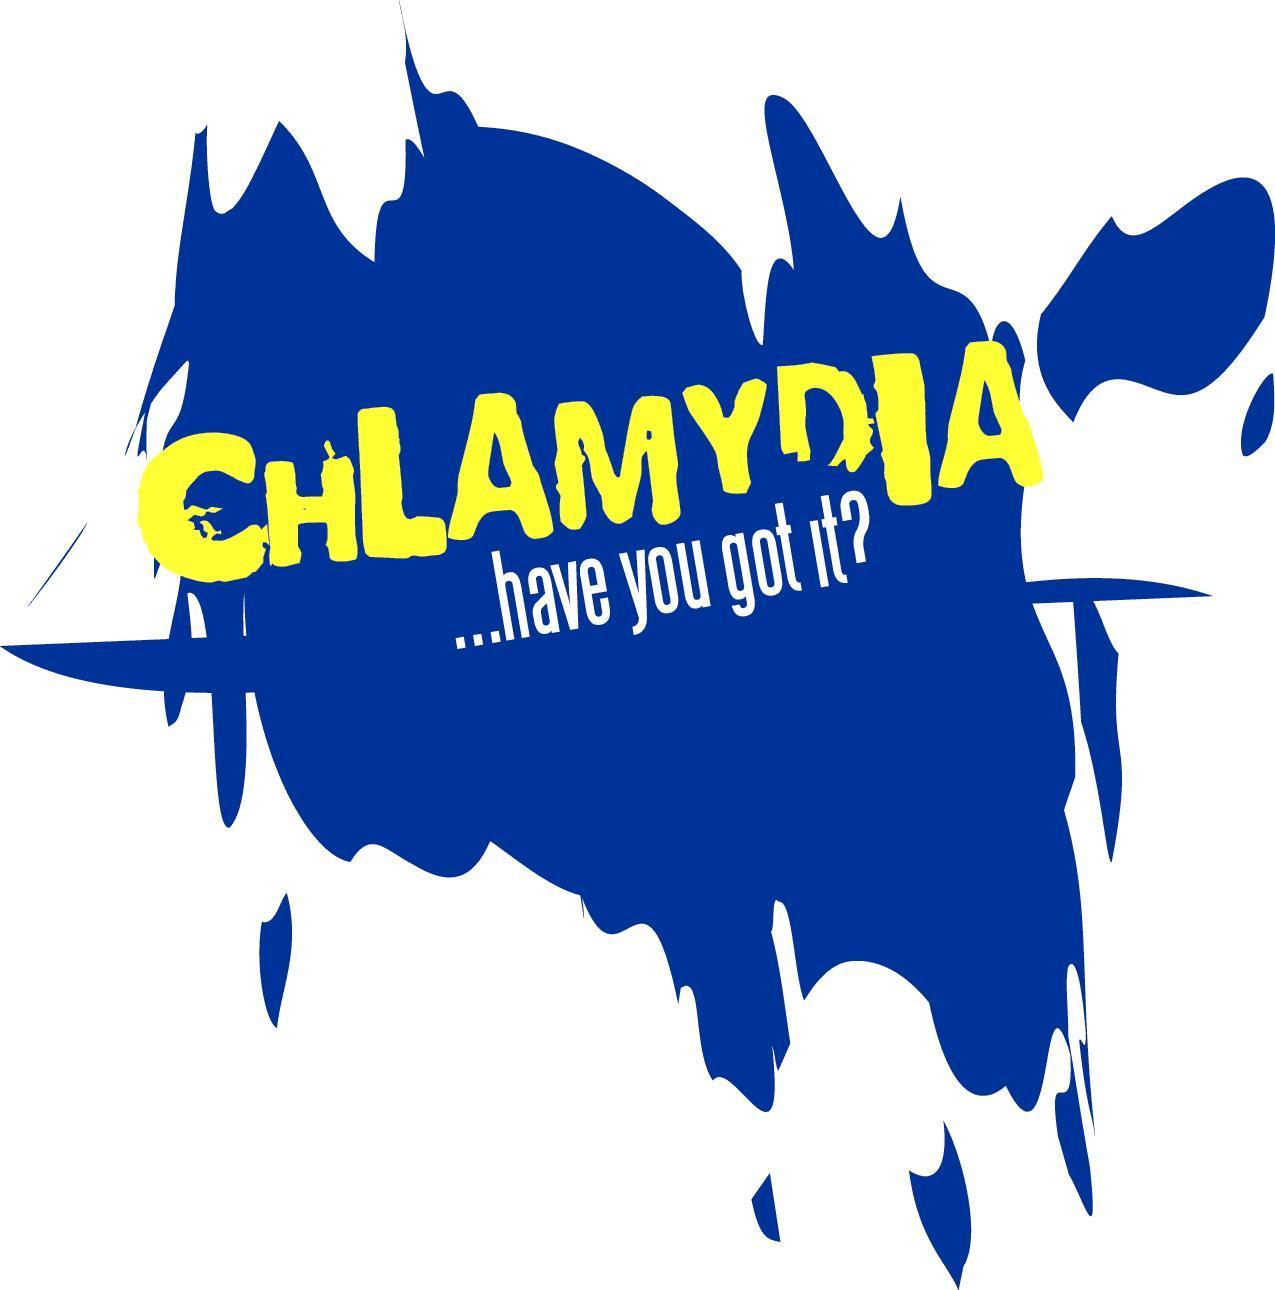 Chlamydia anus